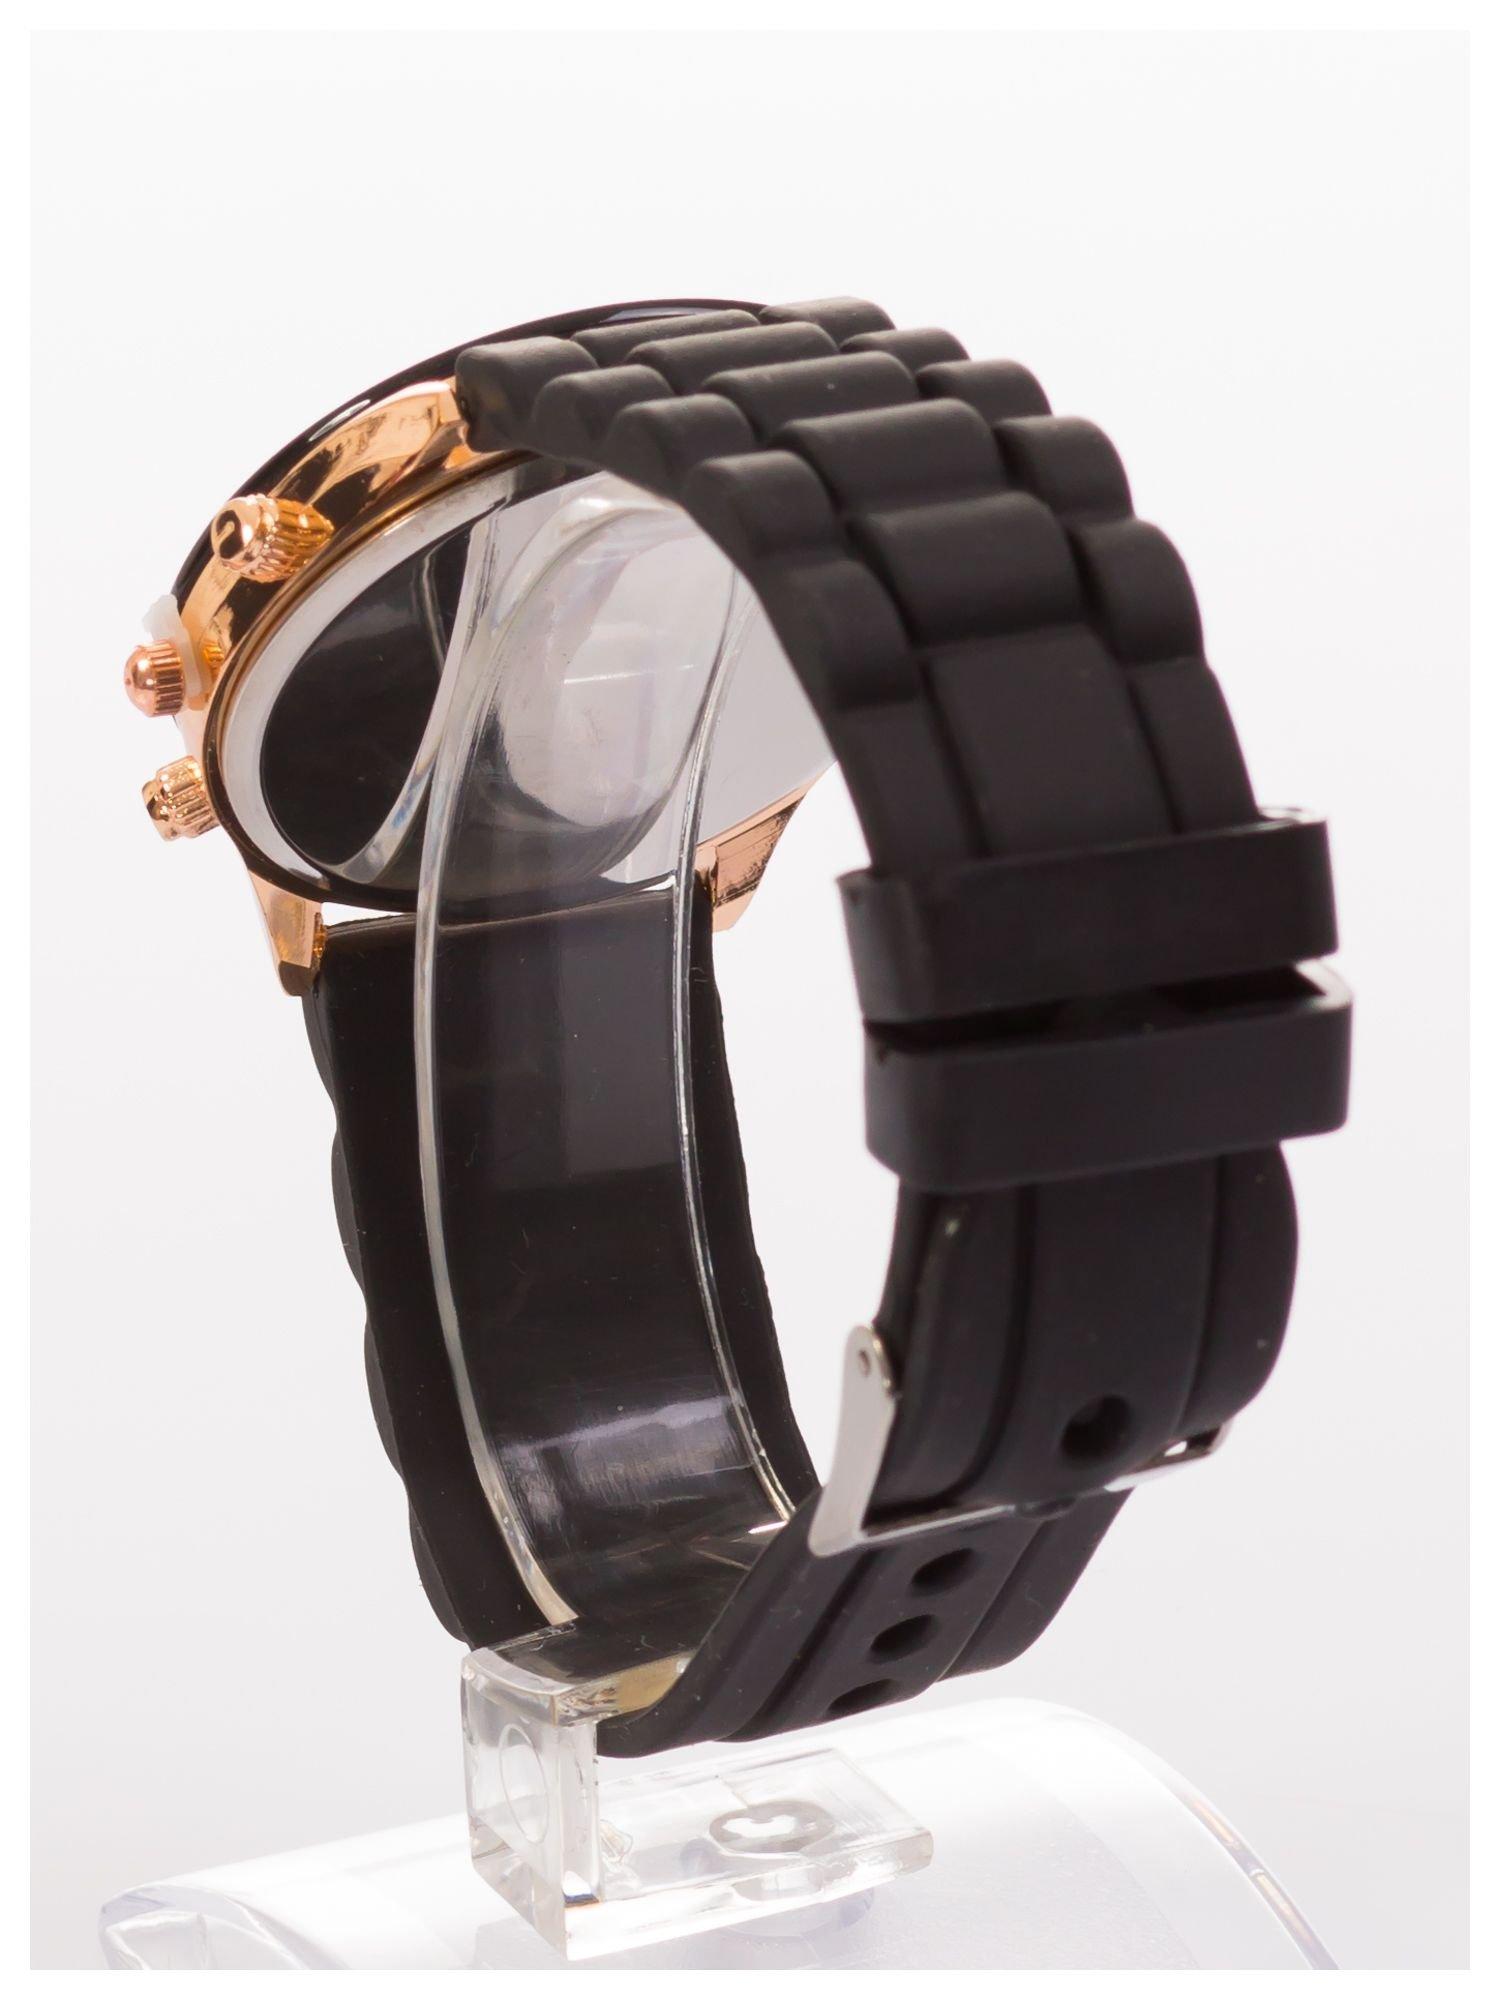 GENEVA Czarny zegarek damski na silikonowym pasku                                  zdj.                                  4